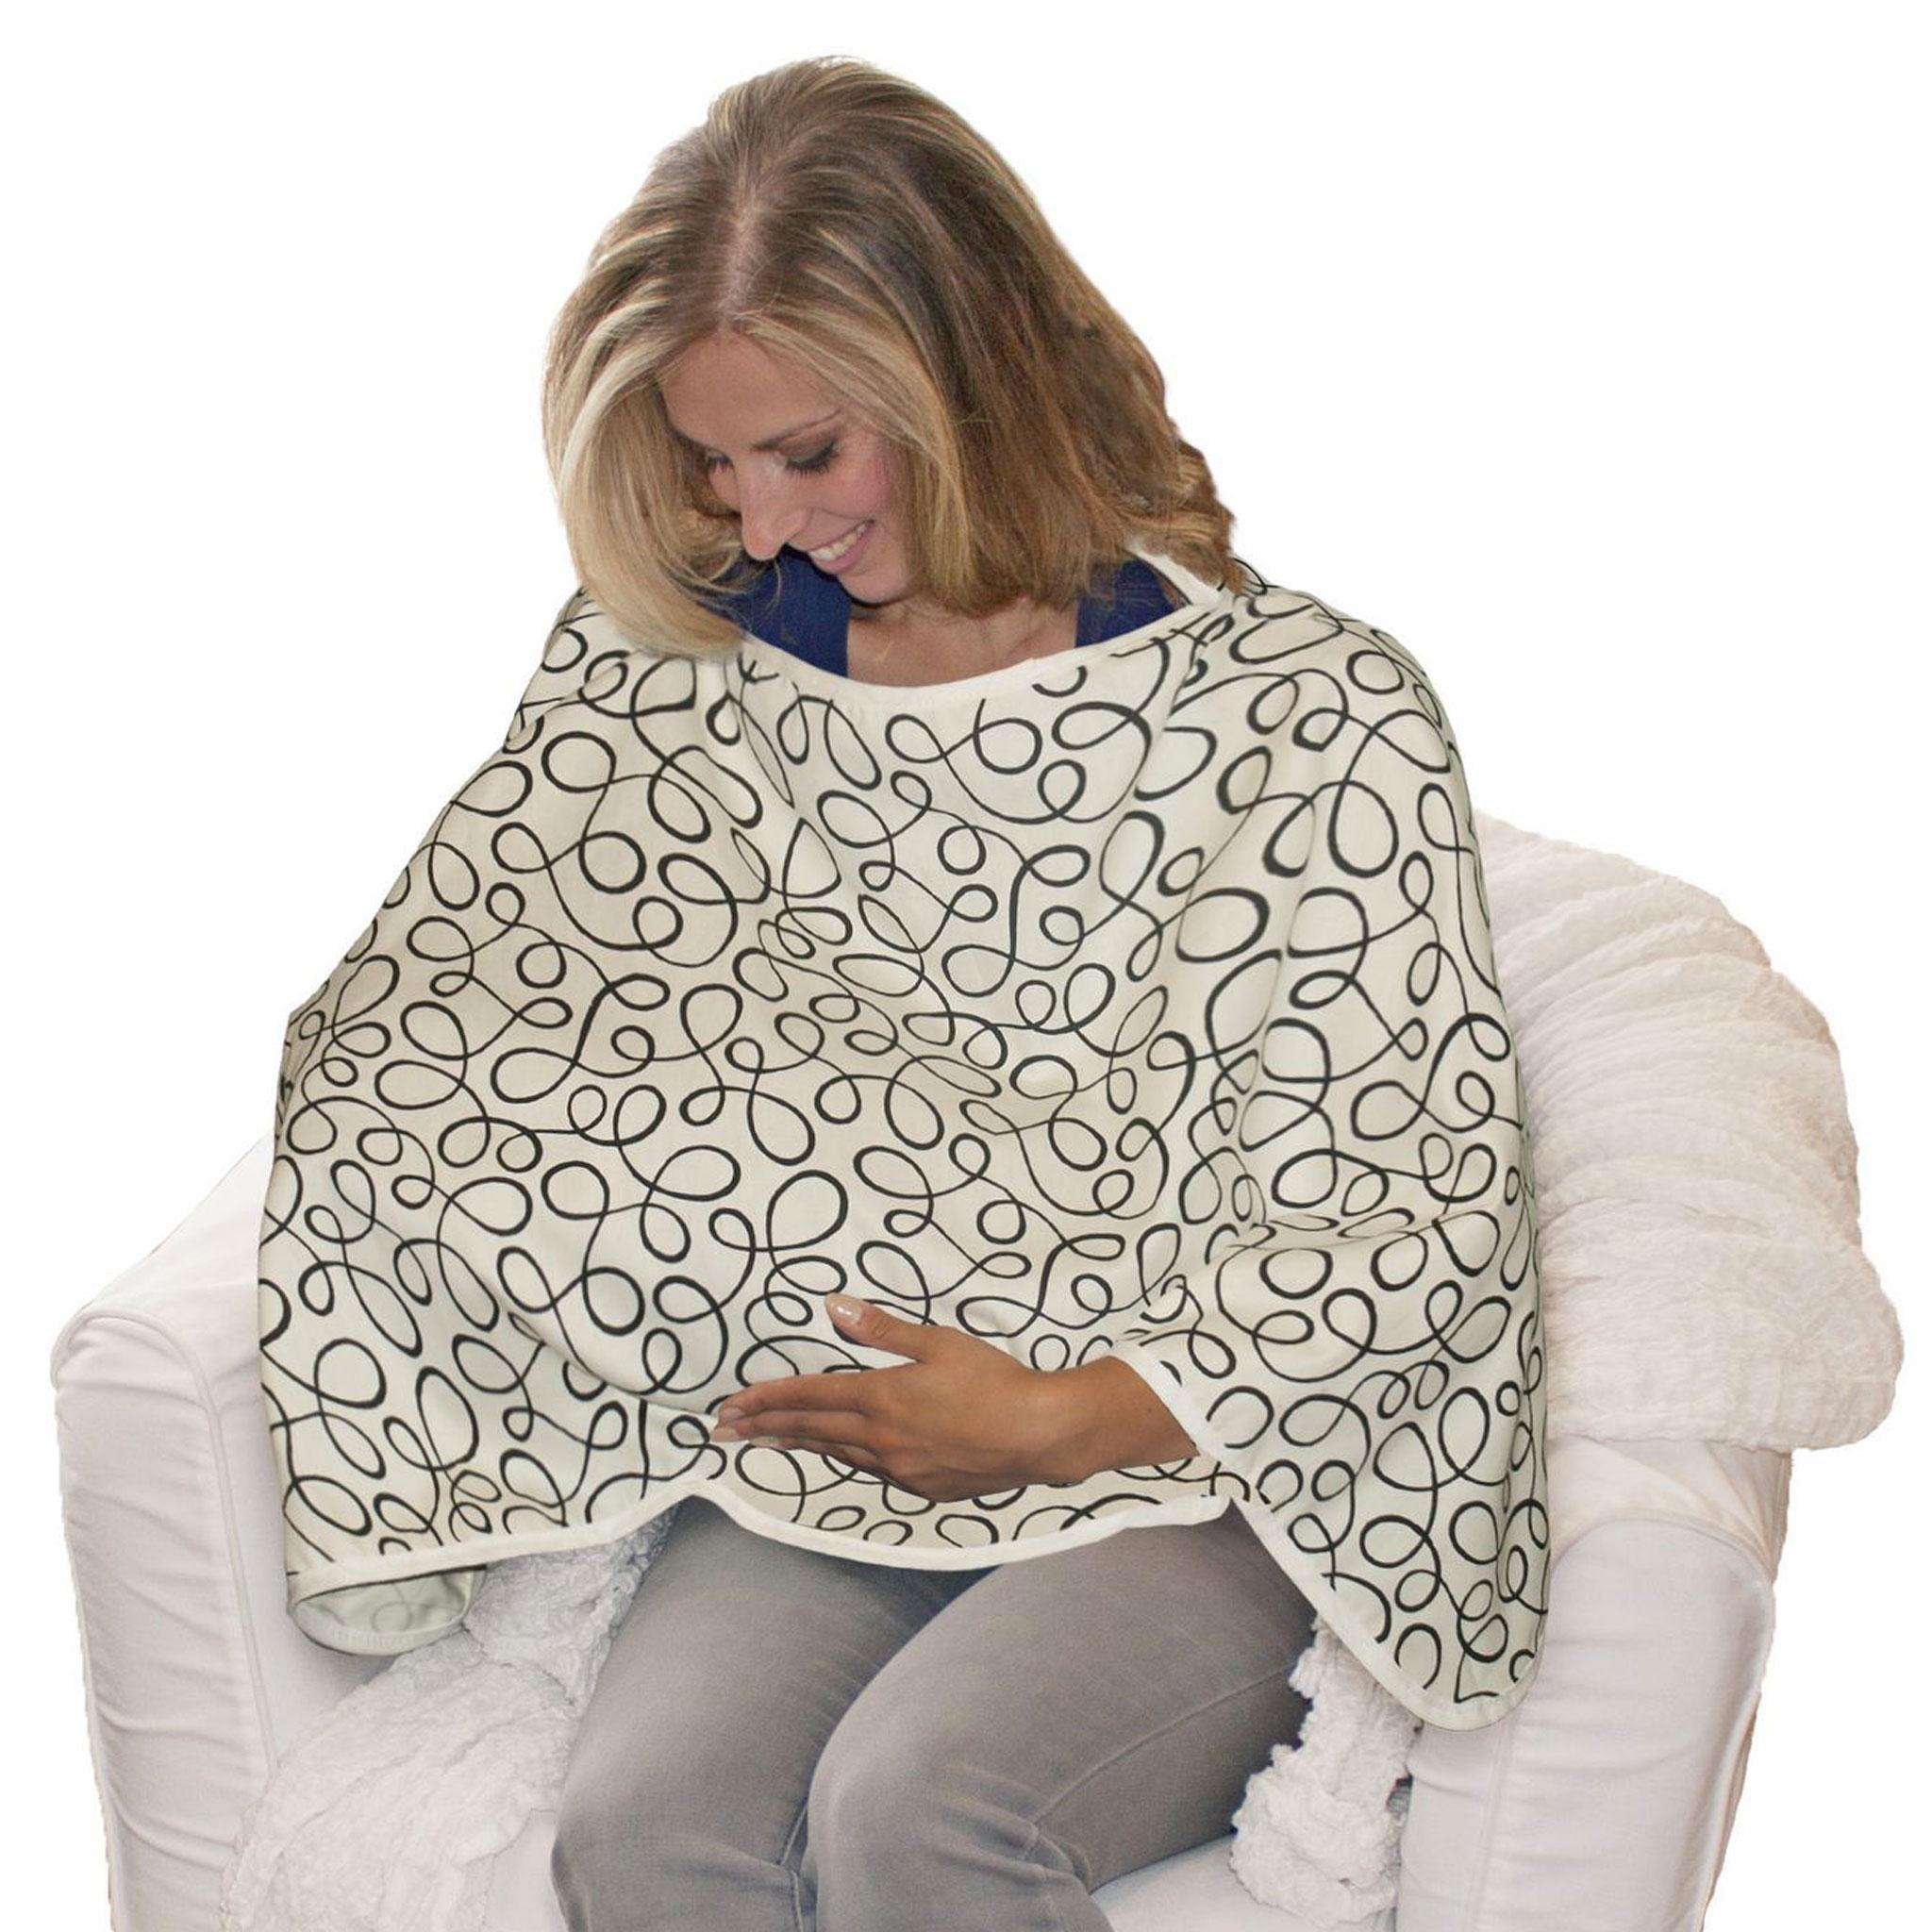 Comment nettoyer son coussin d'allaitement ?